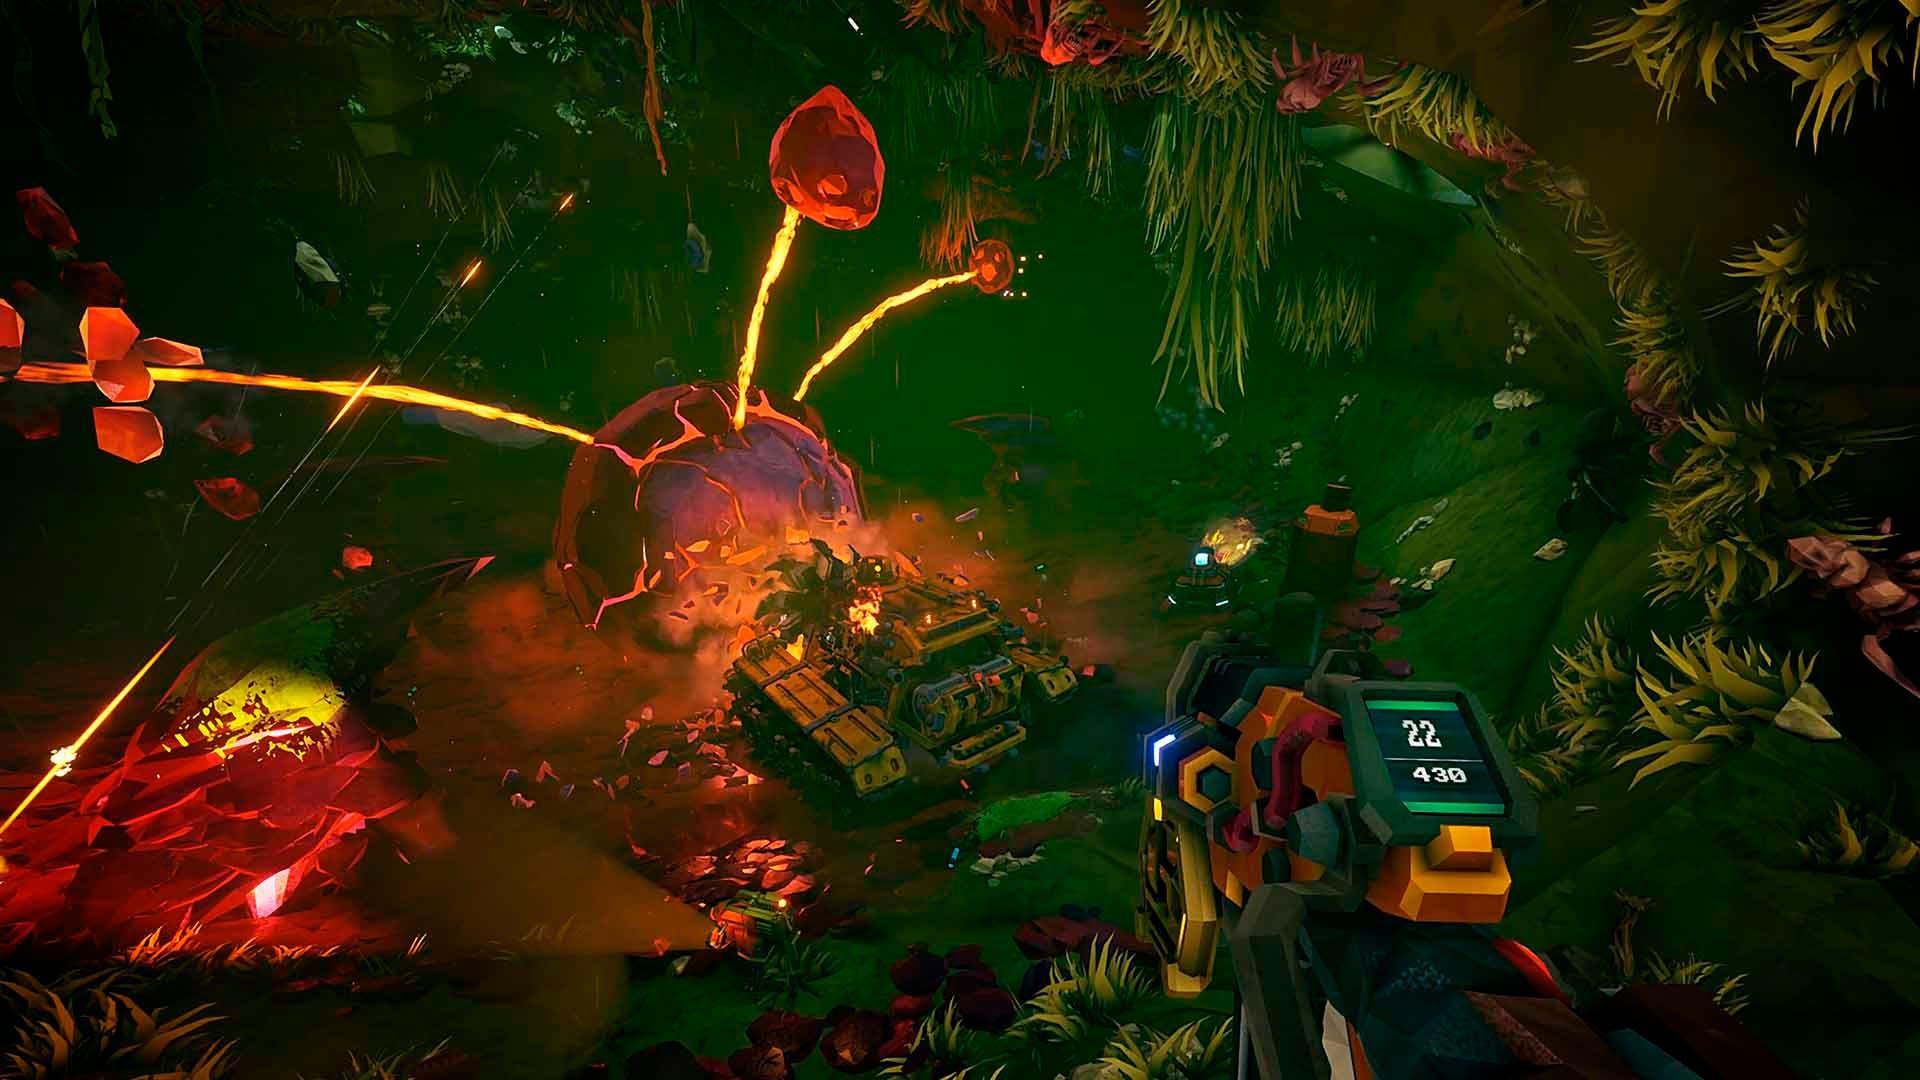 Deep Rock Galactic recibe nuevos tipos de misiones vía actualización, entre mucho más contenido 3